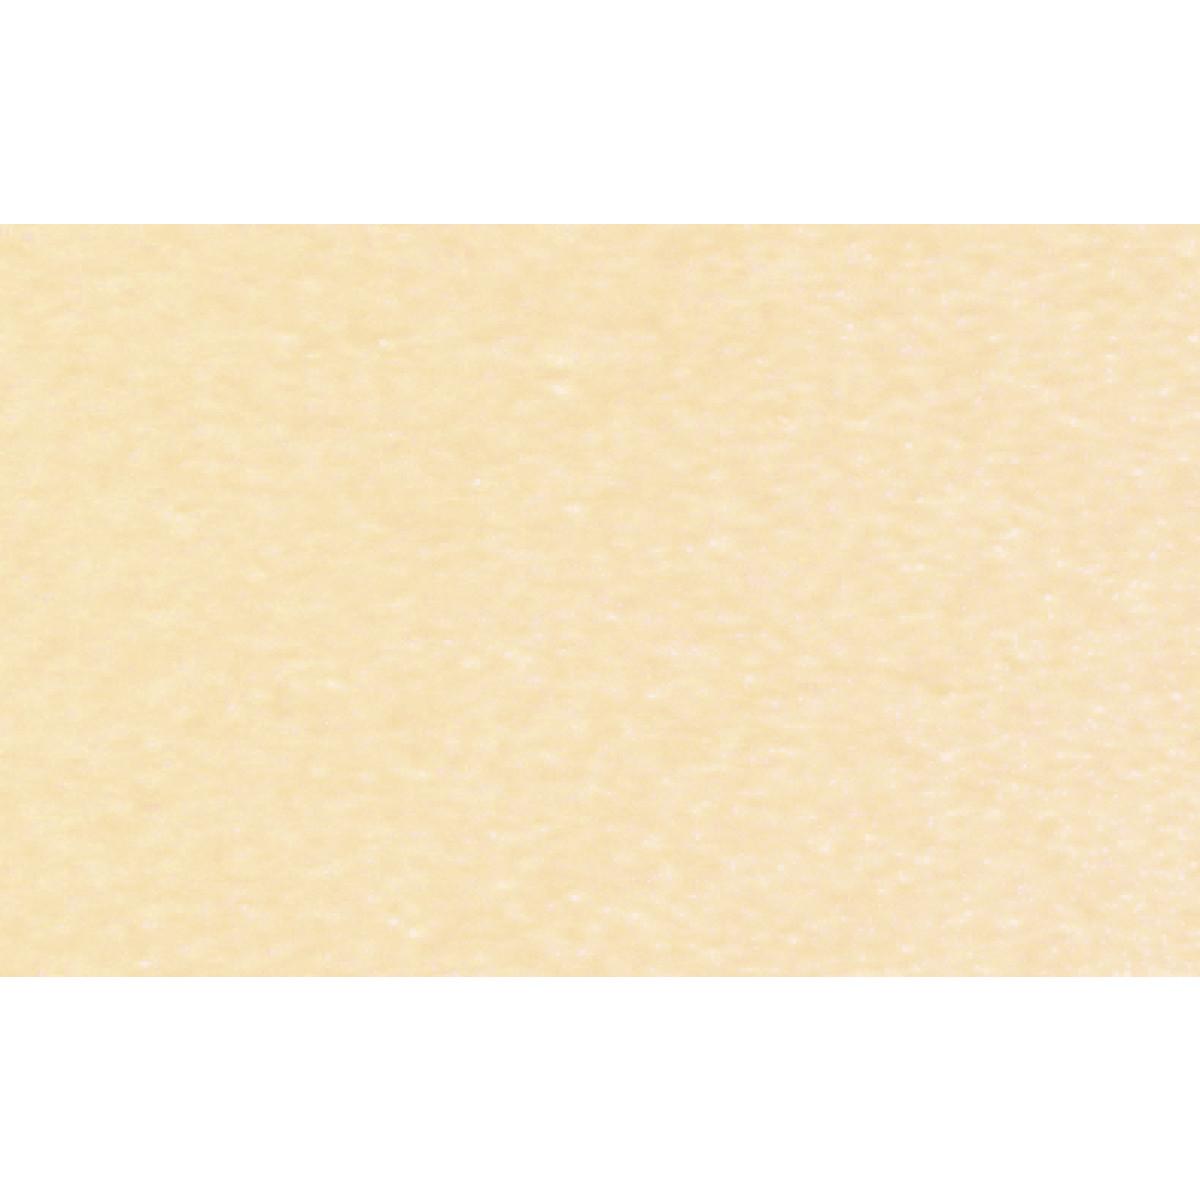 """Grußkarten-Set """"Starlight""""  quadratisch apricose - 5 Stück"""